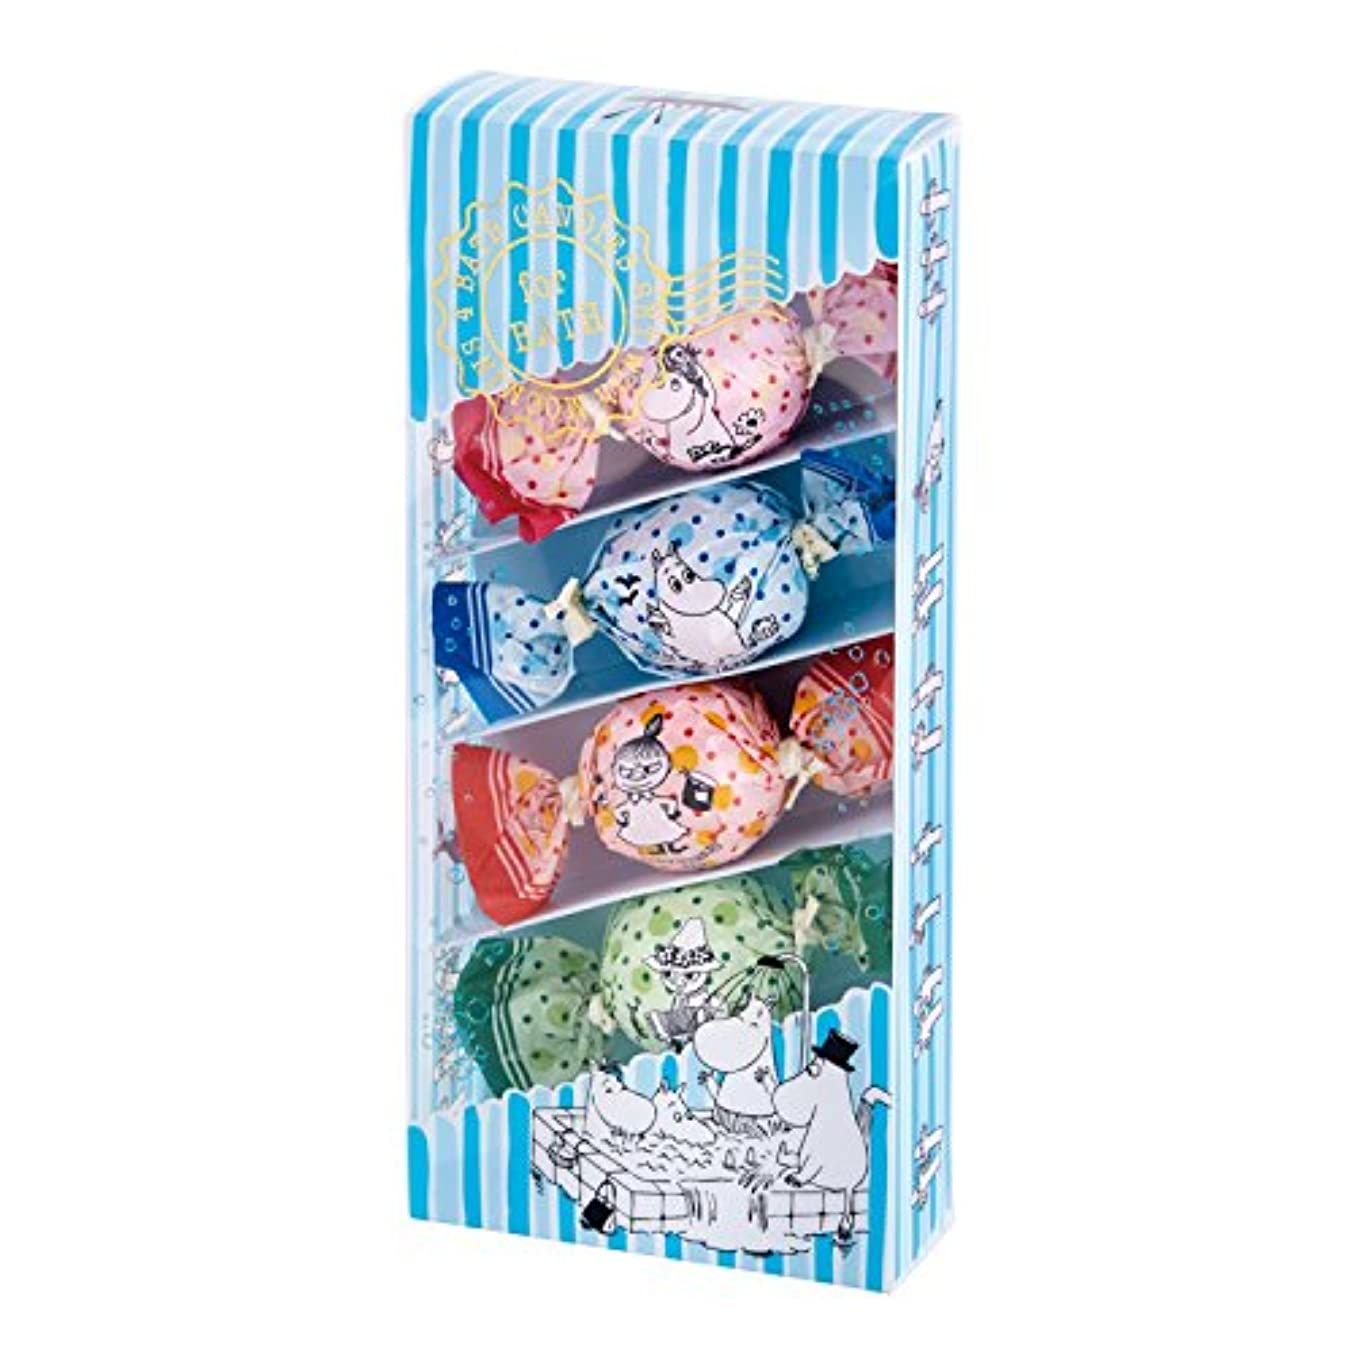 事前にびっくり望むムーミン バスキャンディー4粒セット 楽しいお風呂の日